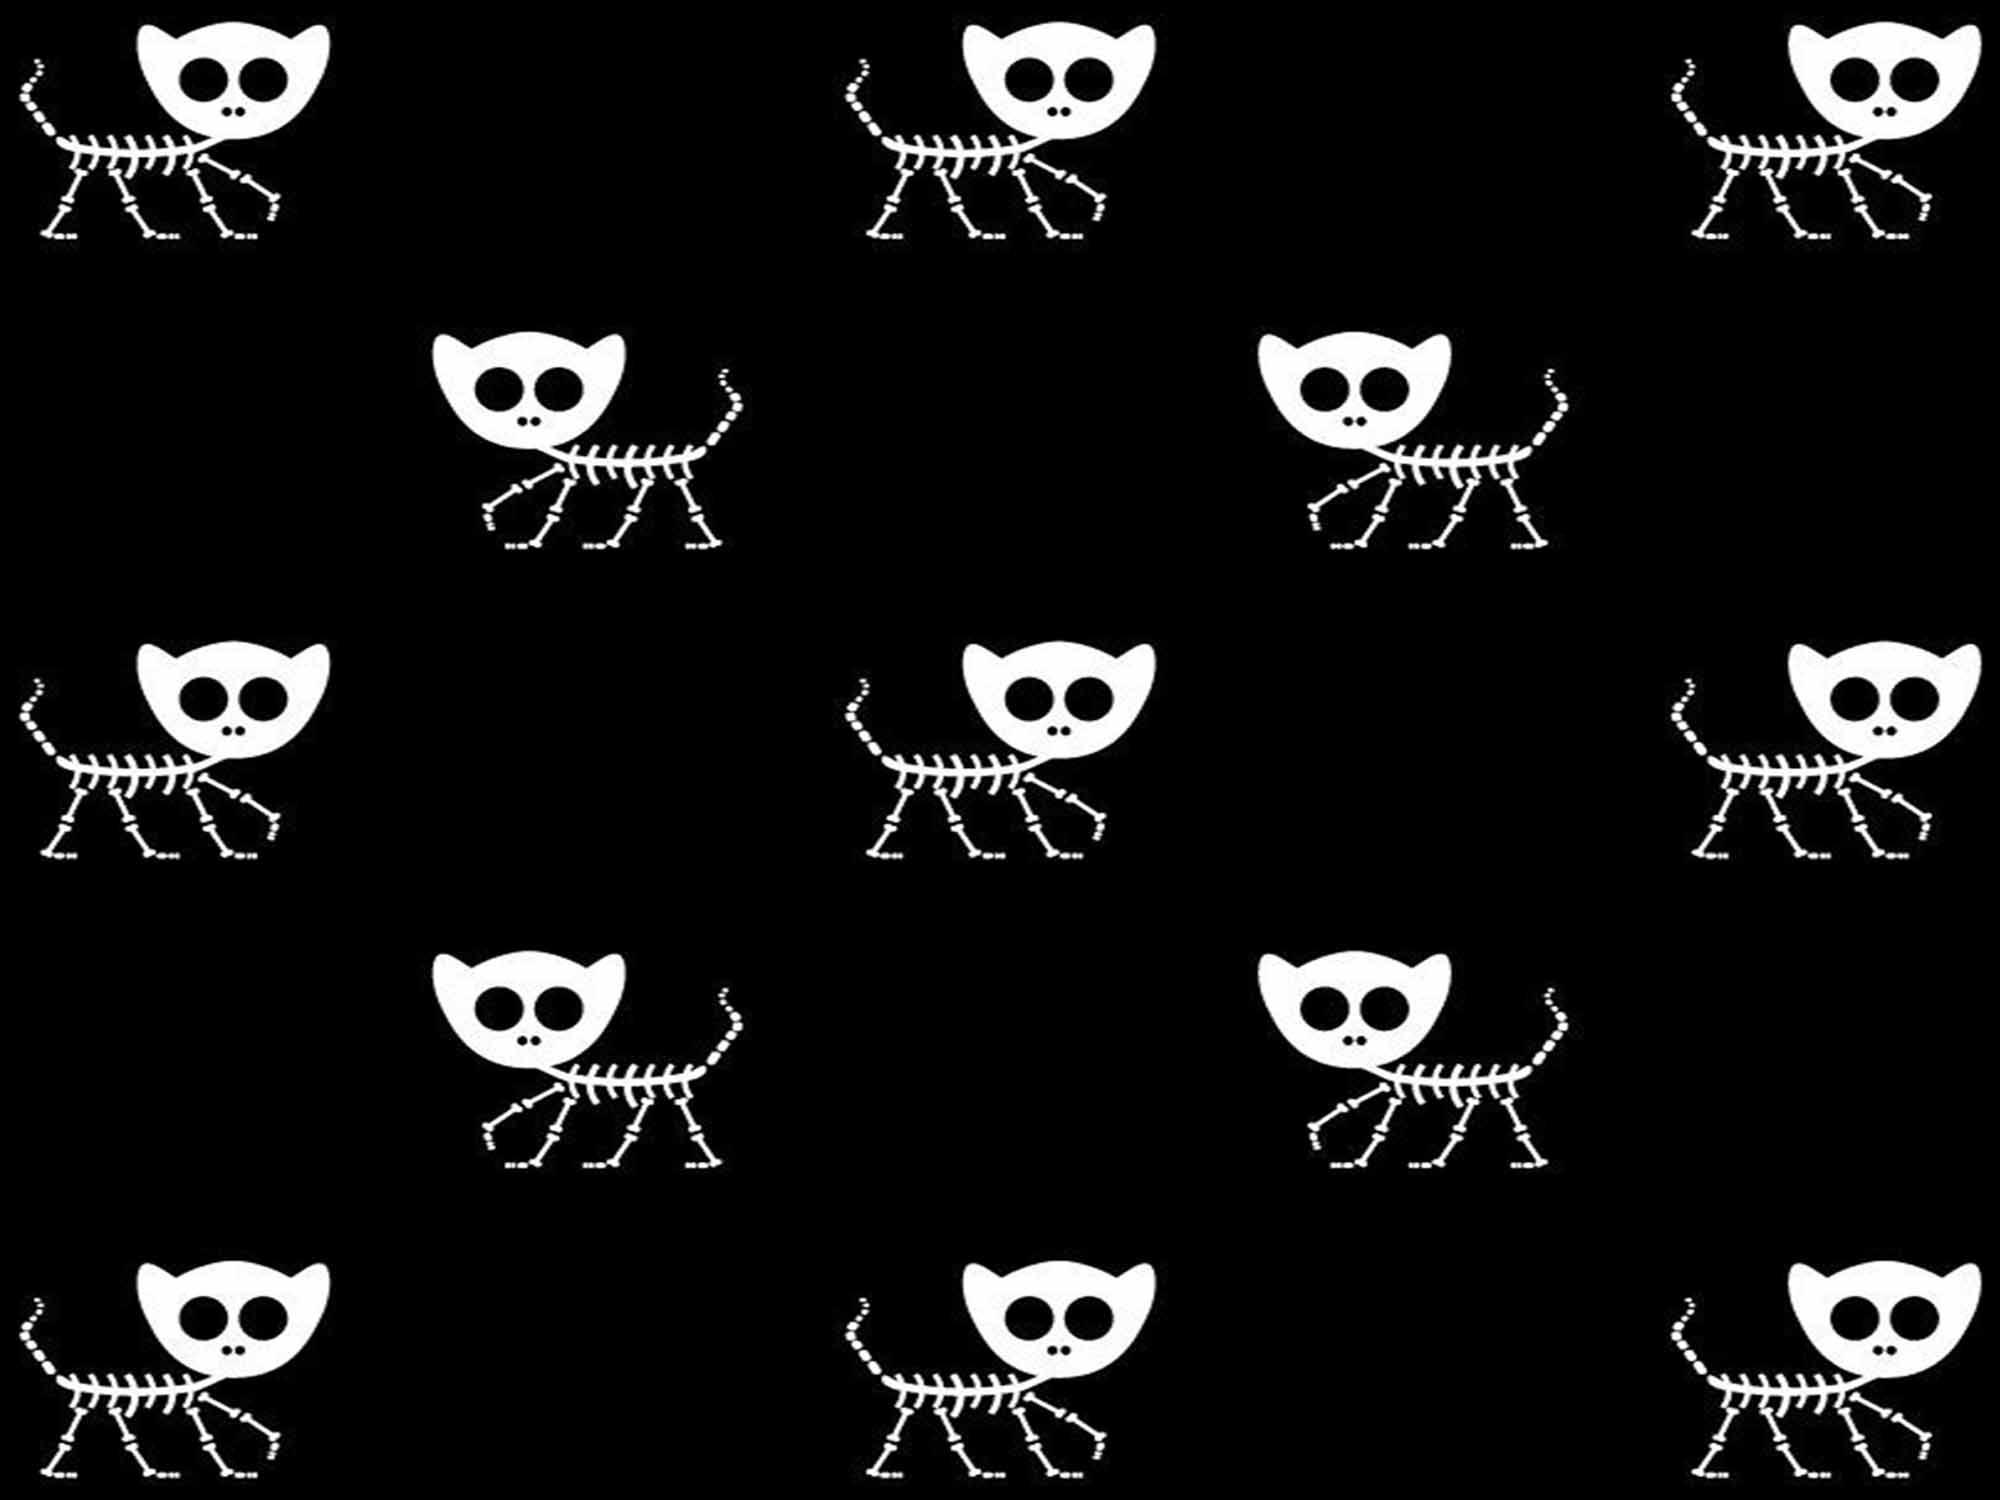 Papel de Parede para Quarto Animais 0029 - Adesivos de Parede  - Paredes Decoradas